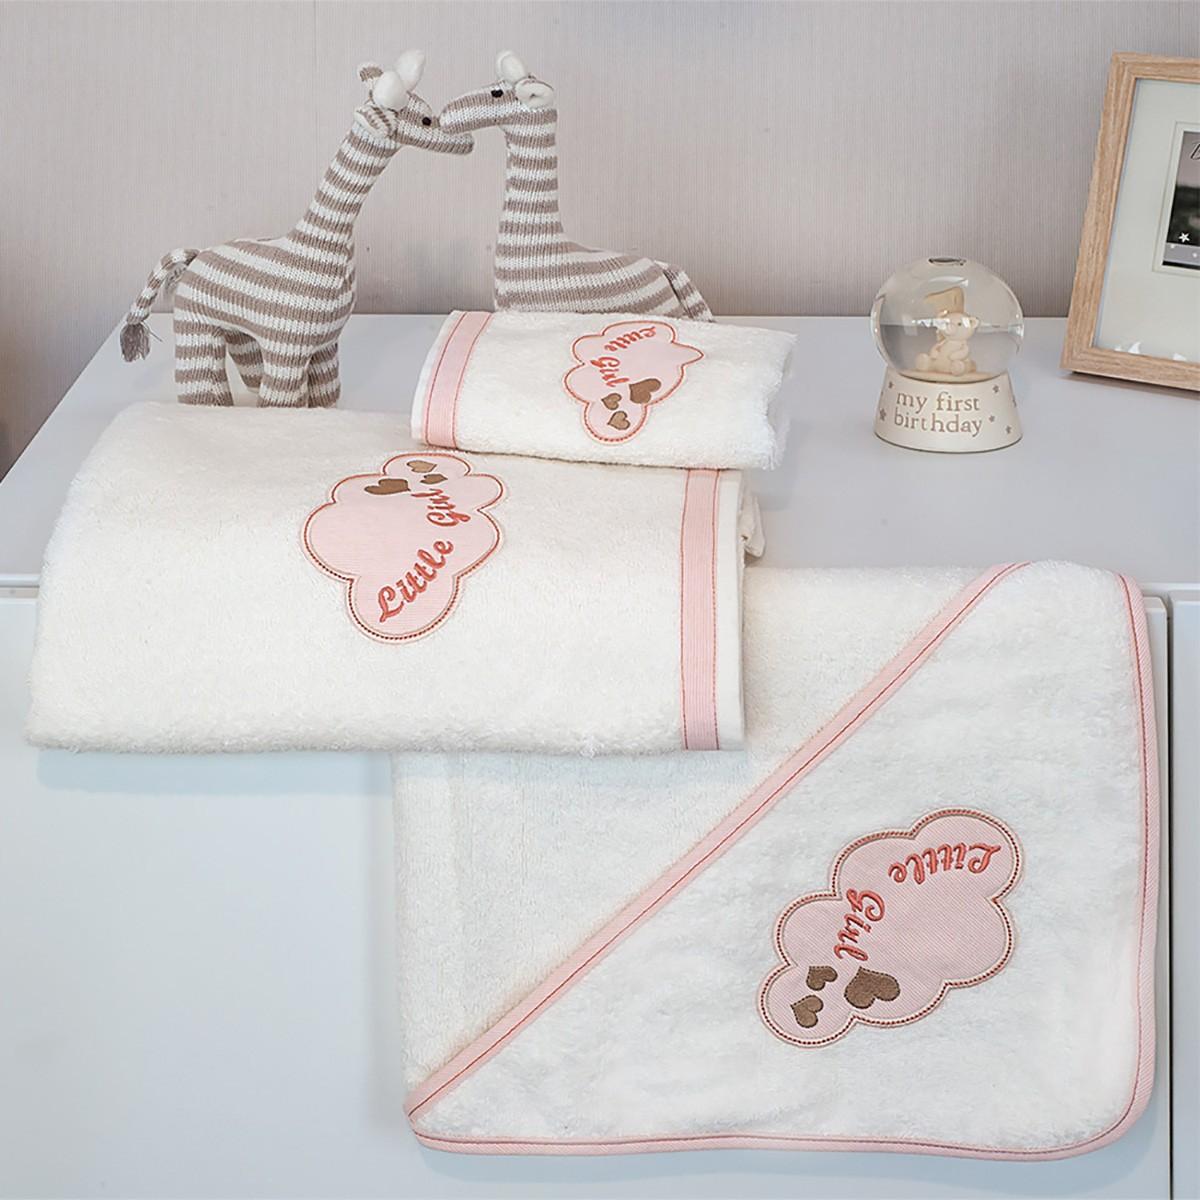 Βρεφικές Πετσέτες (Σετ 2τμχ) Baby Oliver Little Girl 144